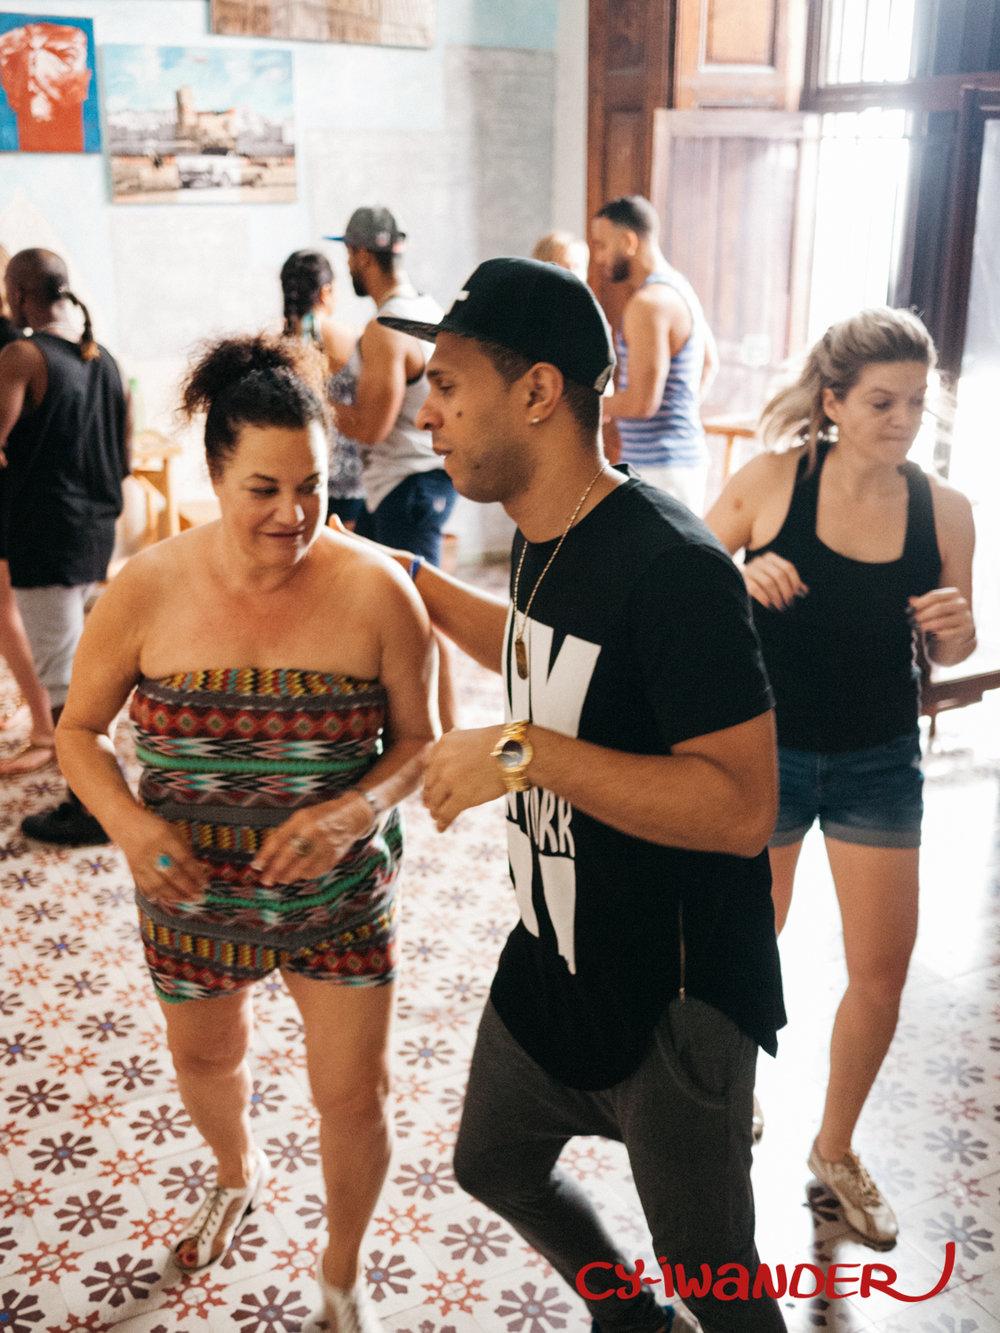 Bailando Cuba 2017-1210680.jpg